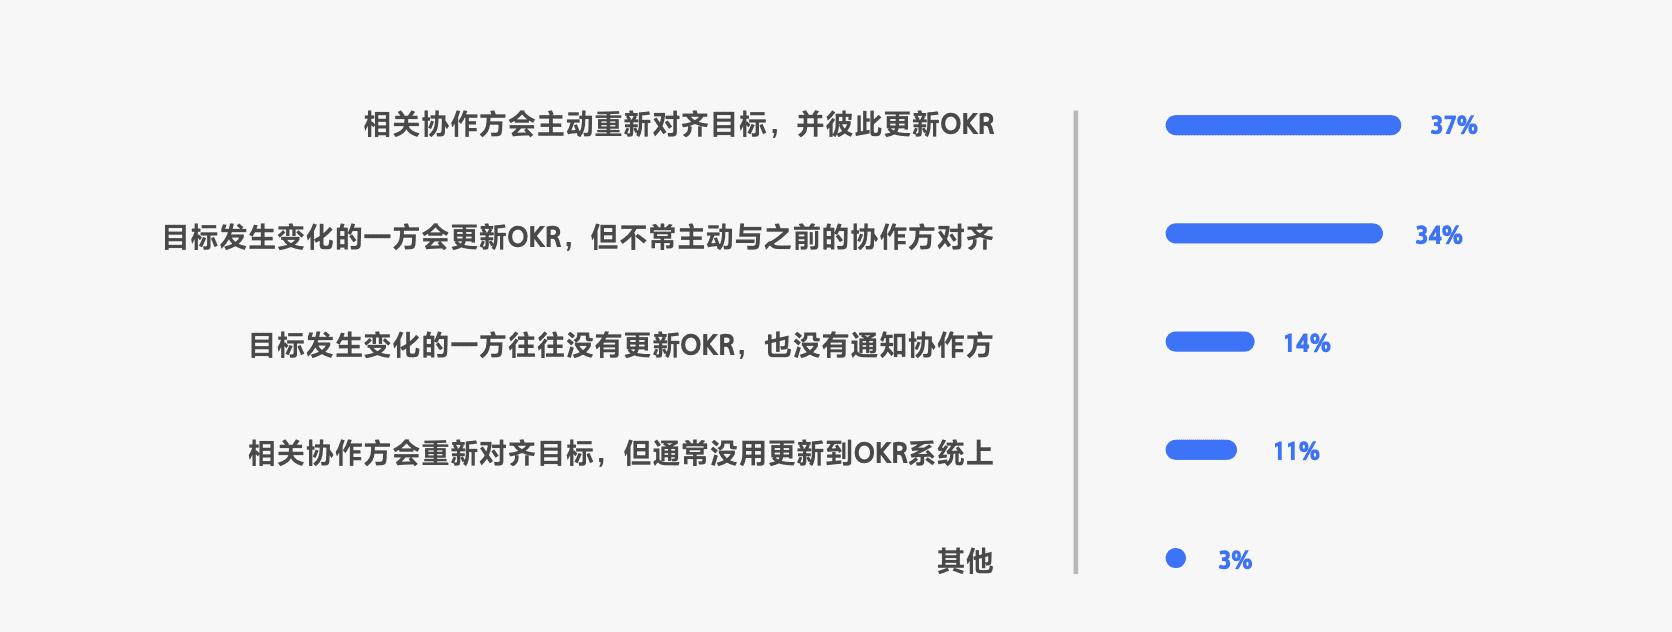 """用OKR的,其实有一半是""""传统企业"""""""